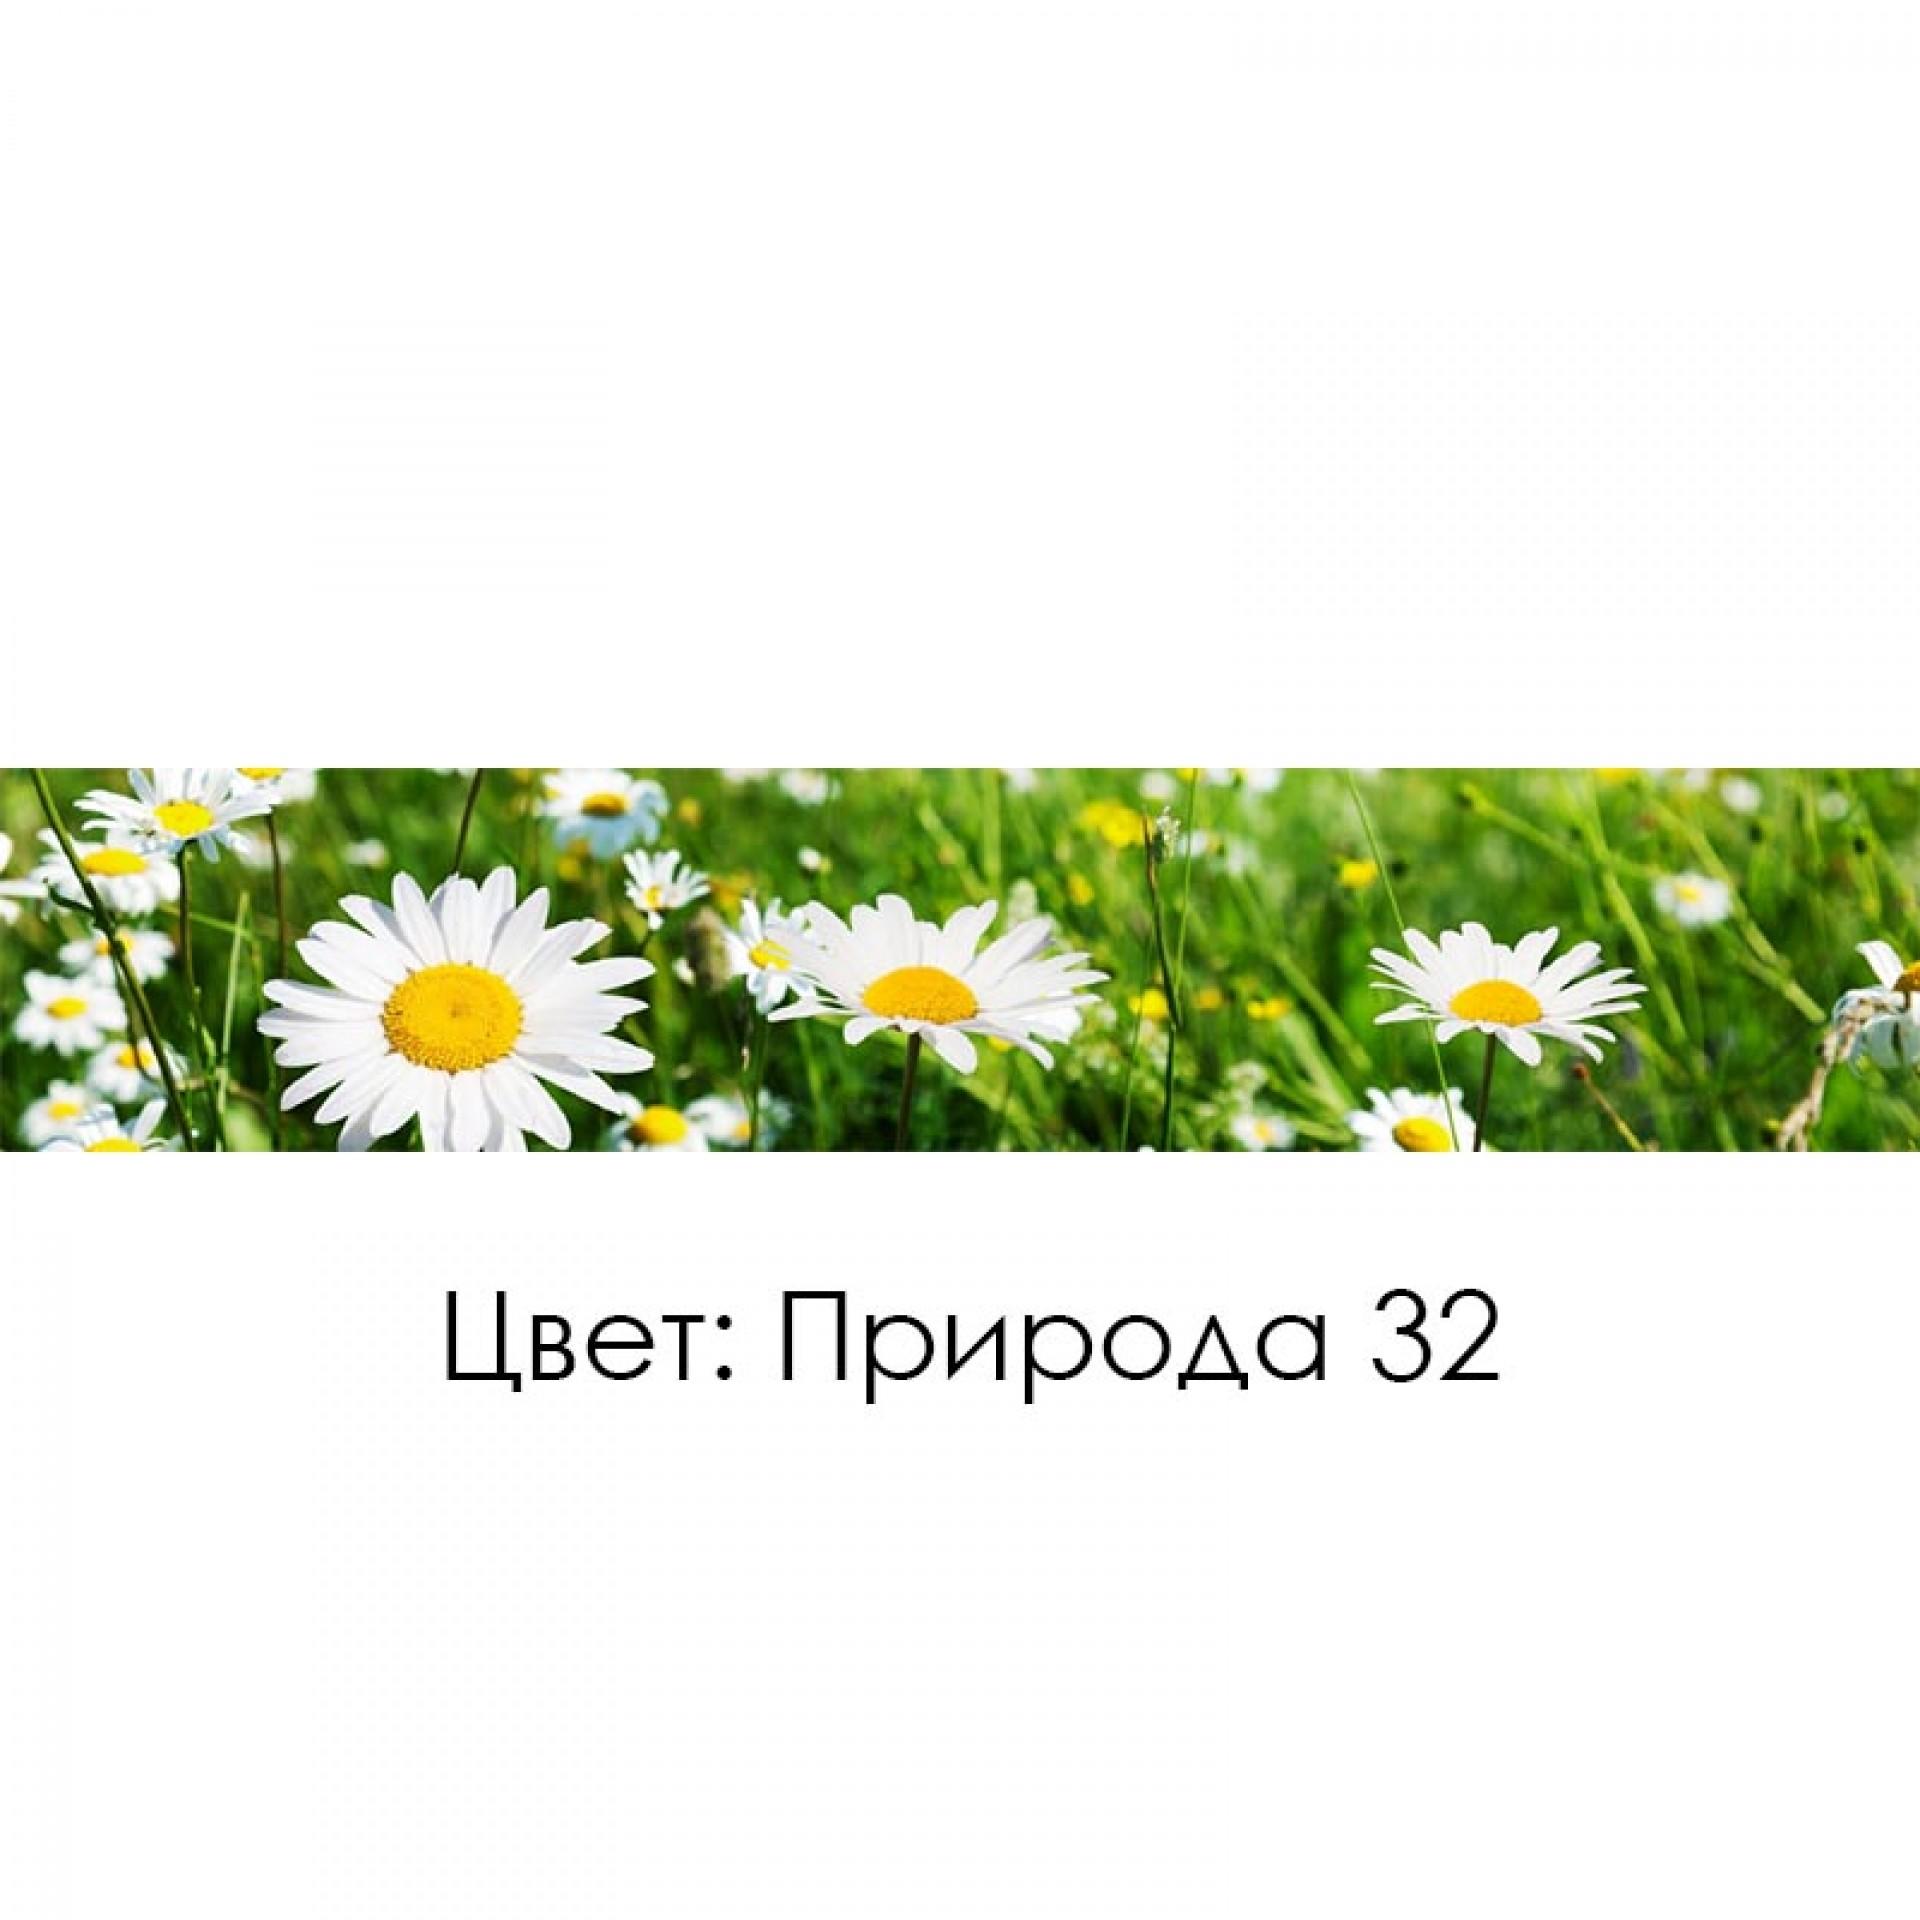 Декоративная панель АБС, коллекция ПРИРОДА